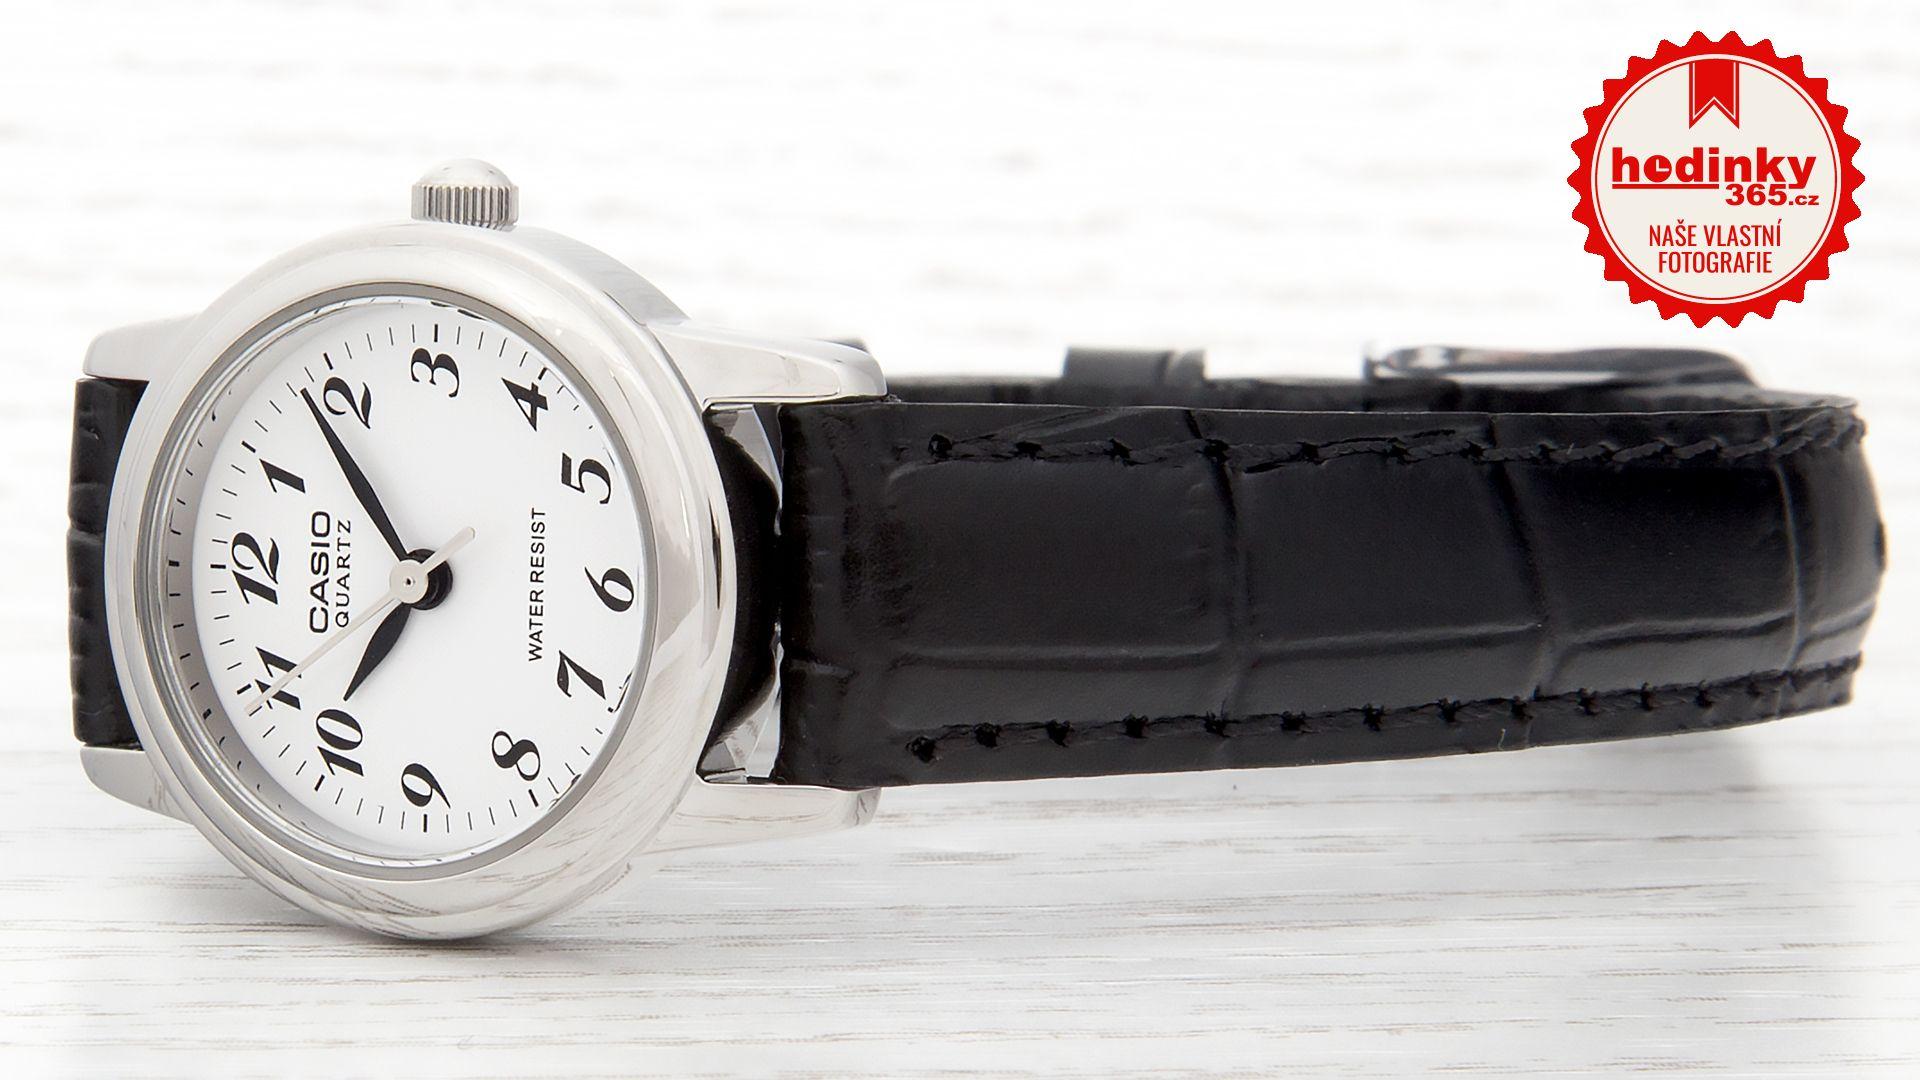 d2284e2f1 Dámské hodinky - kožený řemínek, kov pouzdro, minerální sklíčko. Veškeré  technické parametry naleznete níže